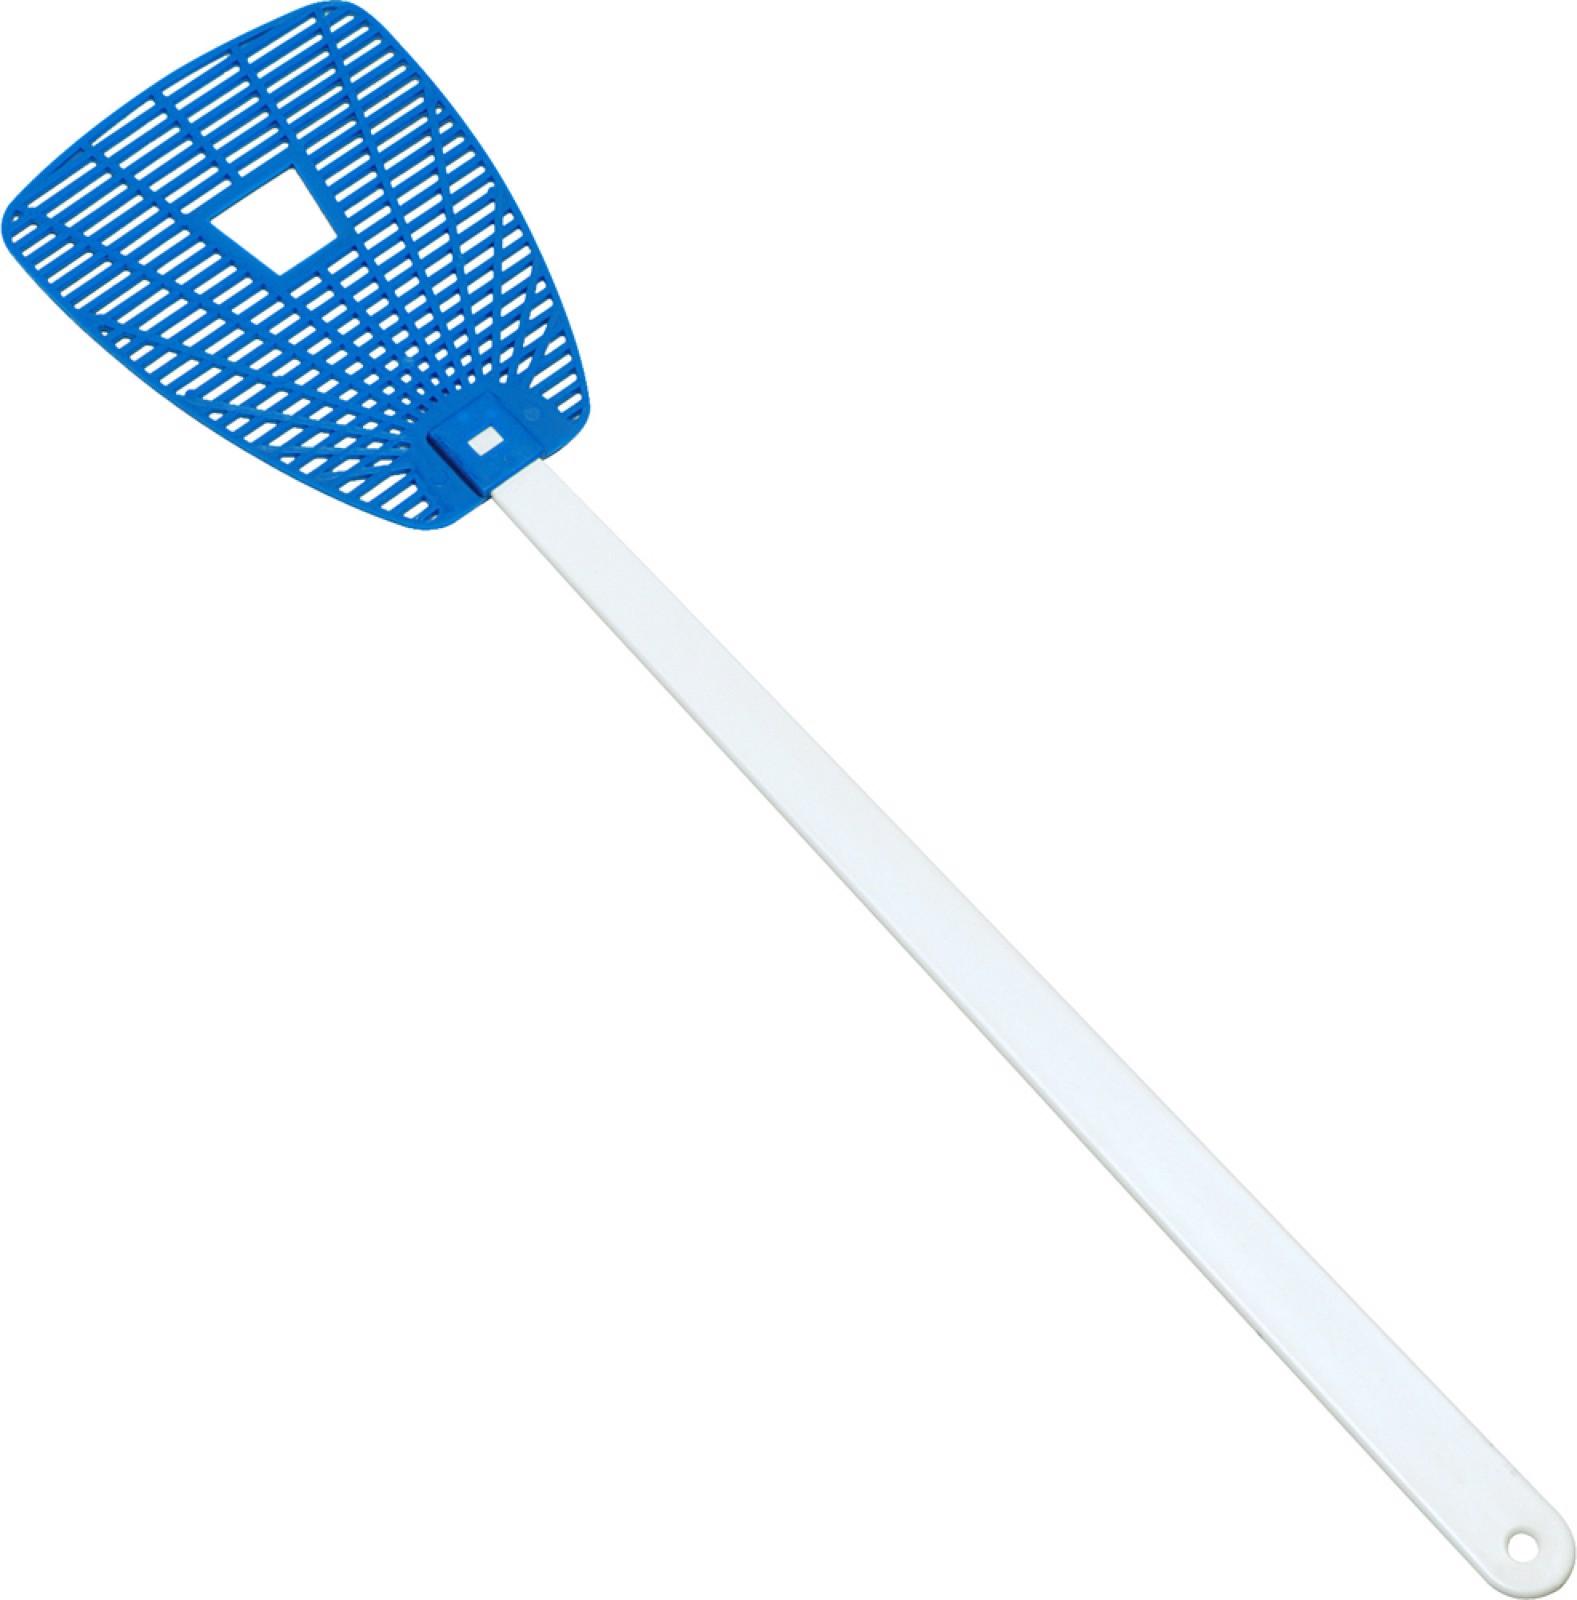 PP flyswatter - Cobalt Blue